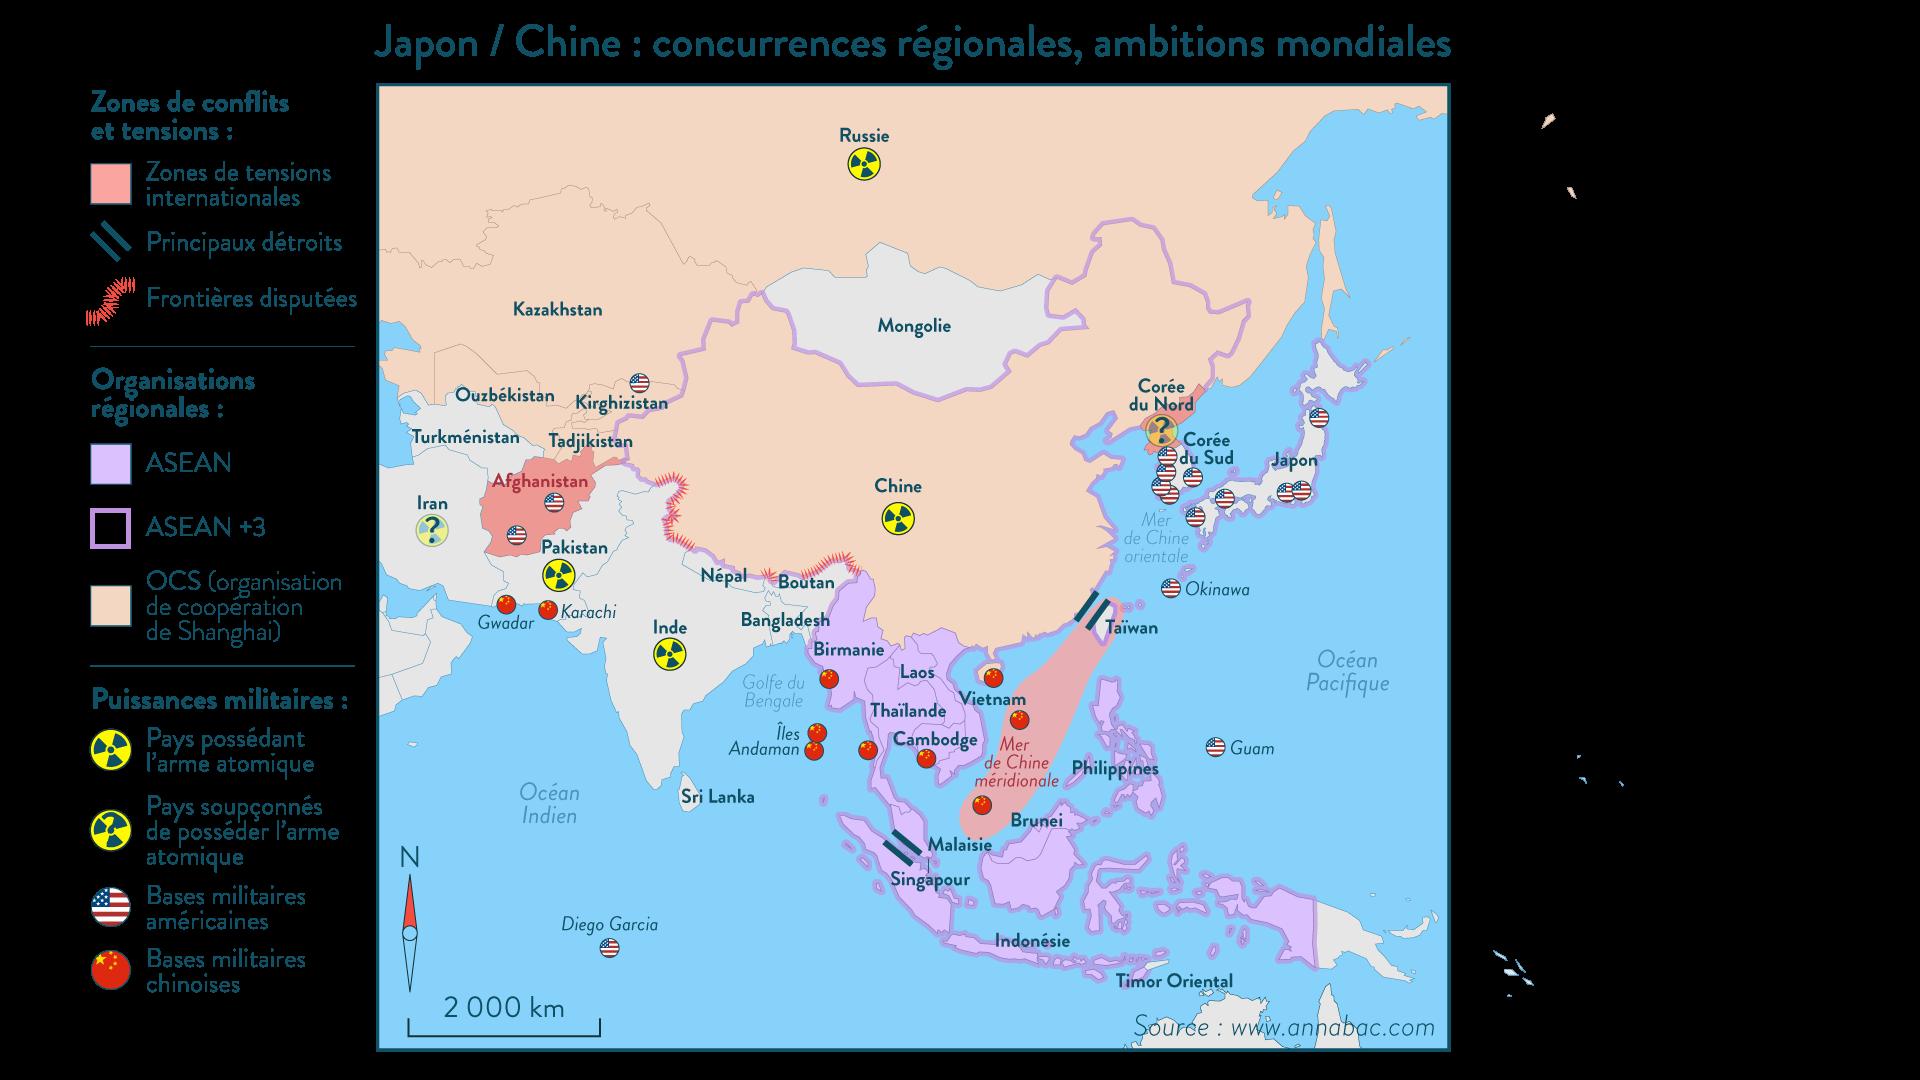 Carte Chine Japon.Carte Japon Chine Concurrences Regionales Ambitions